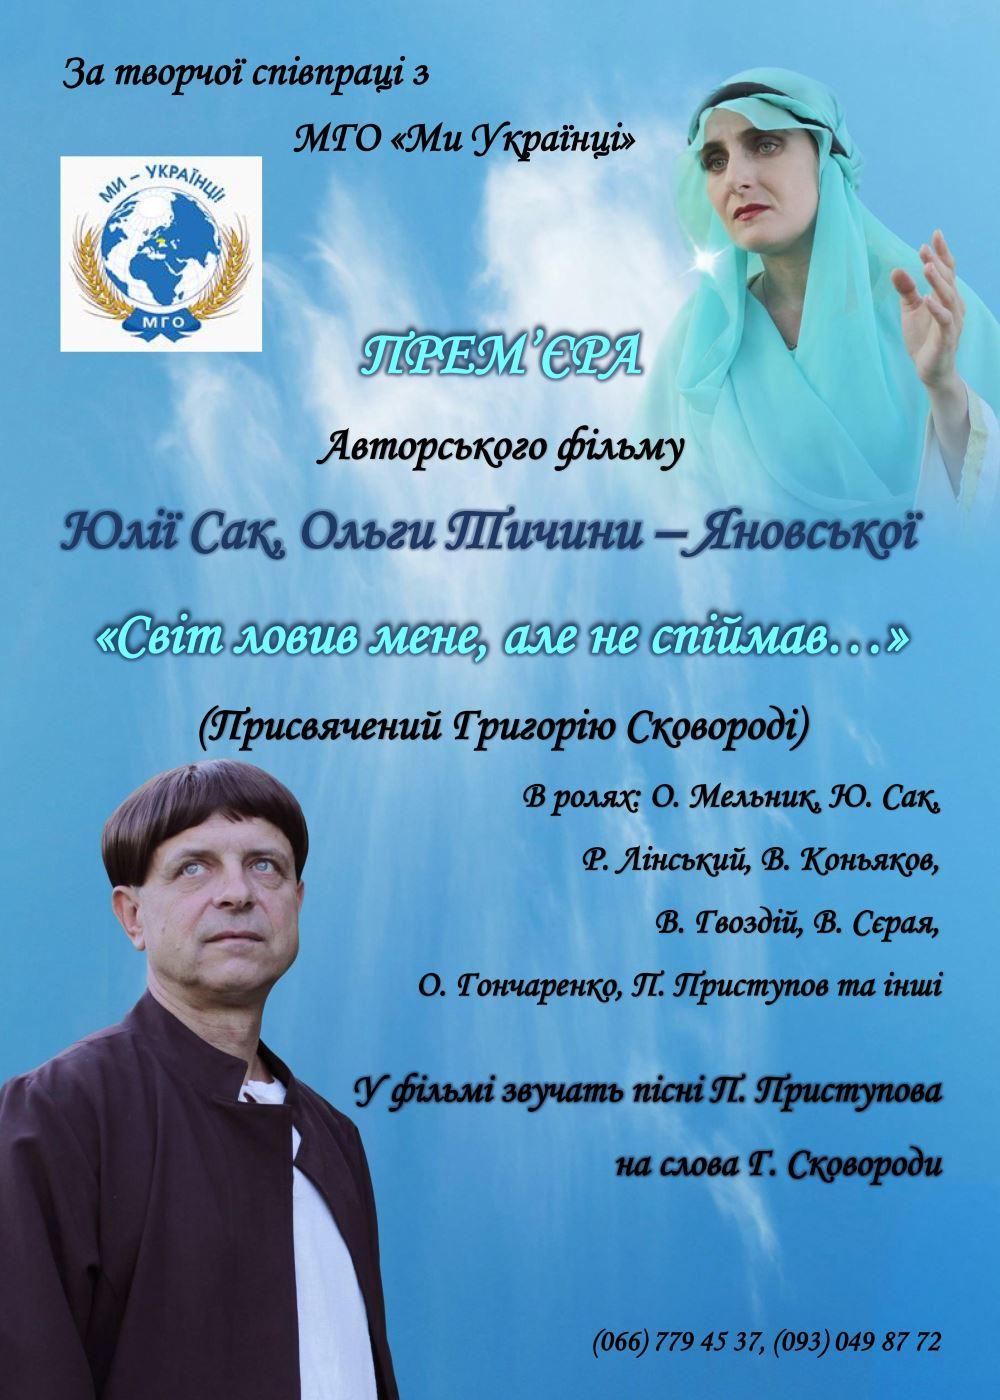 skovoroda_movie